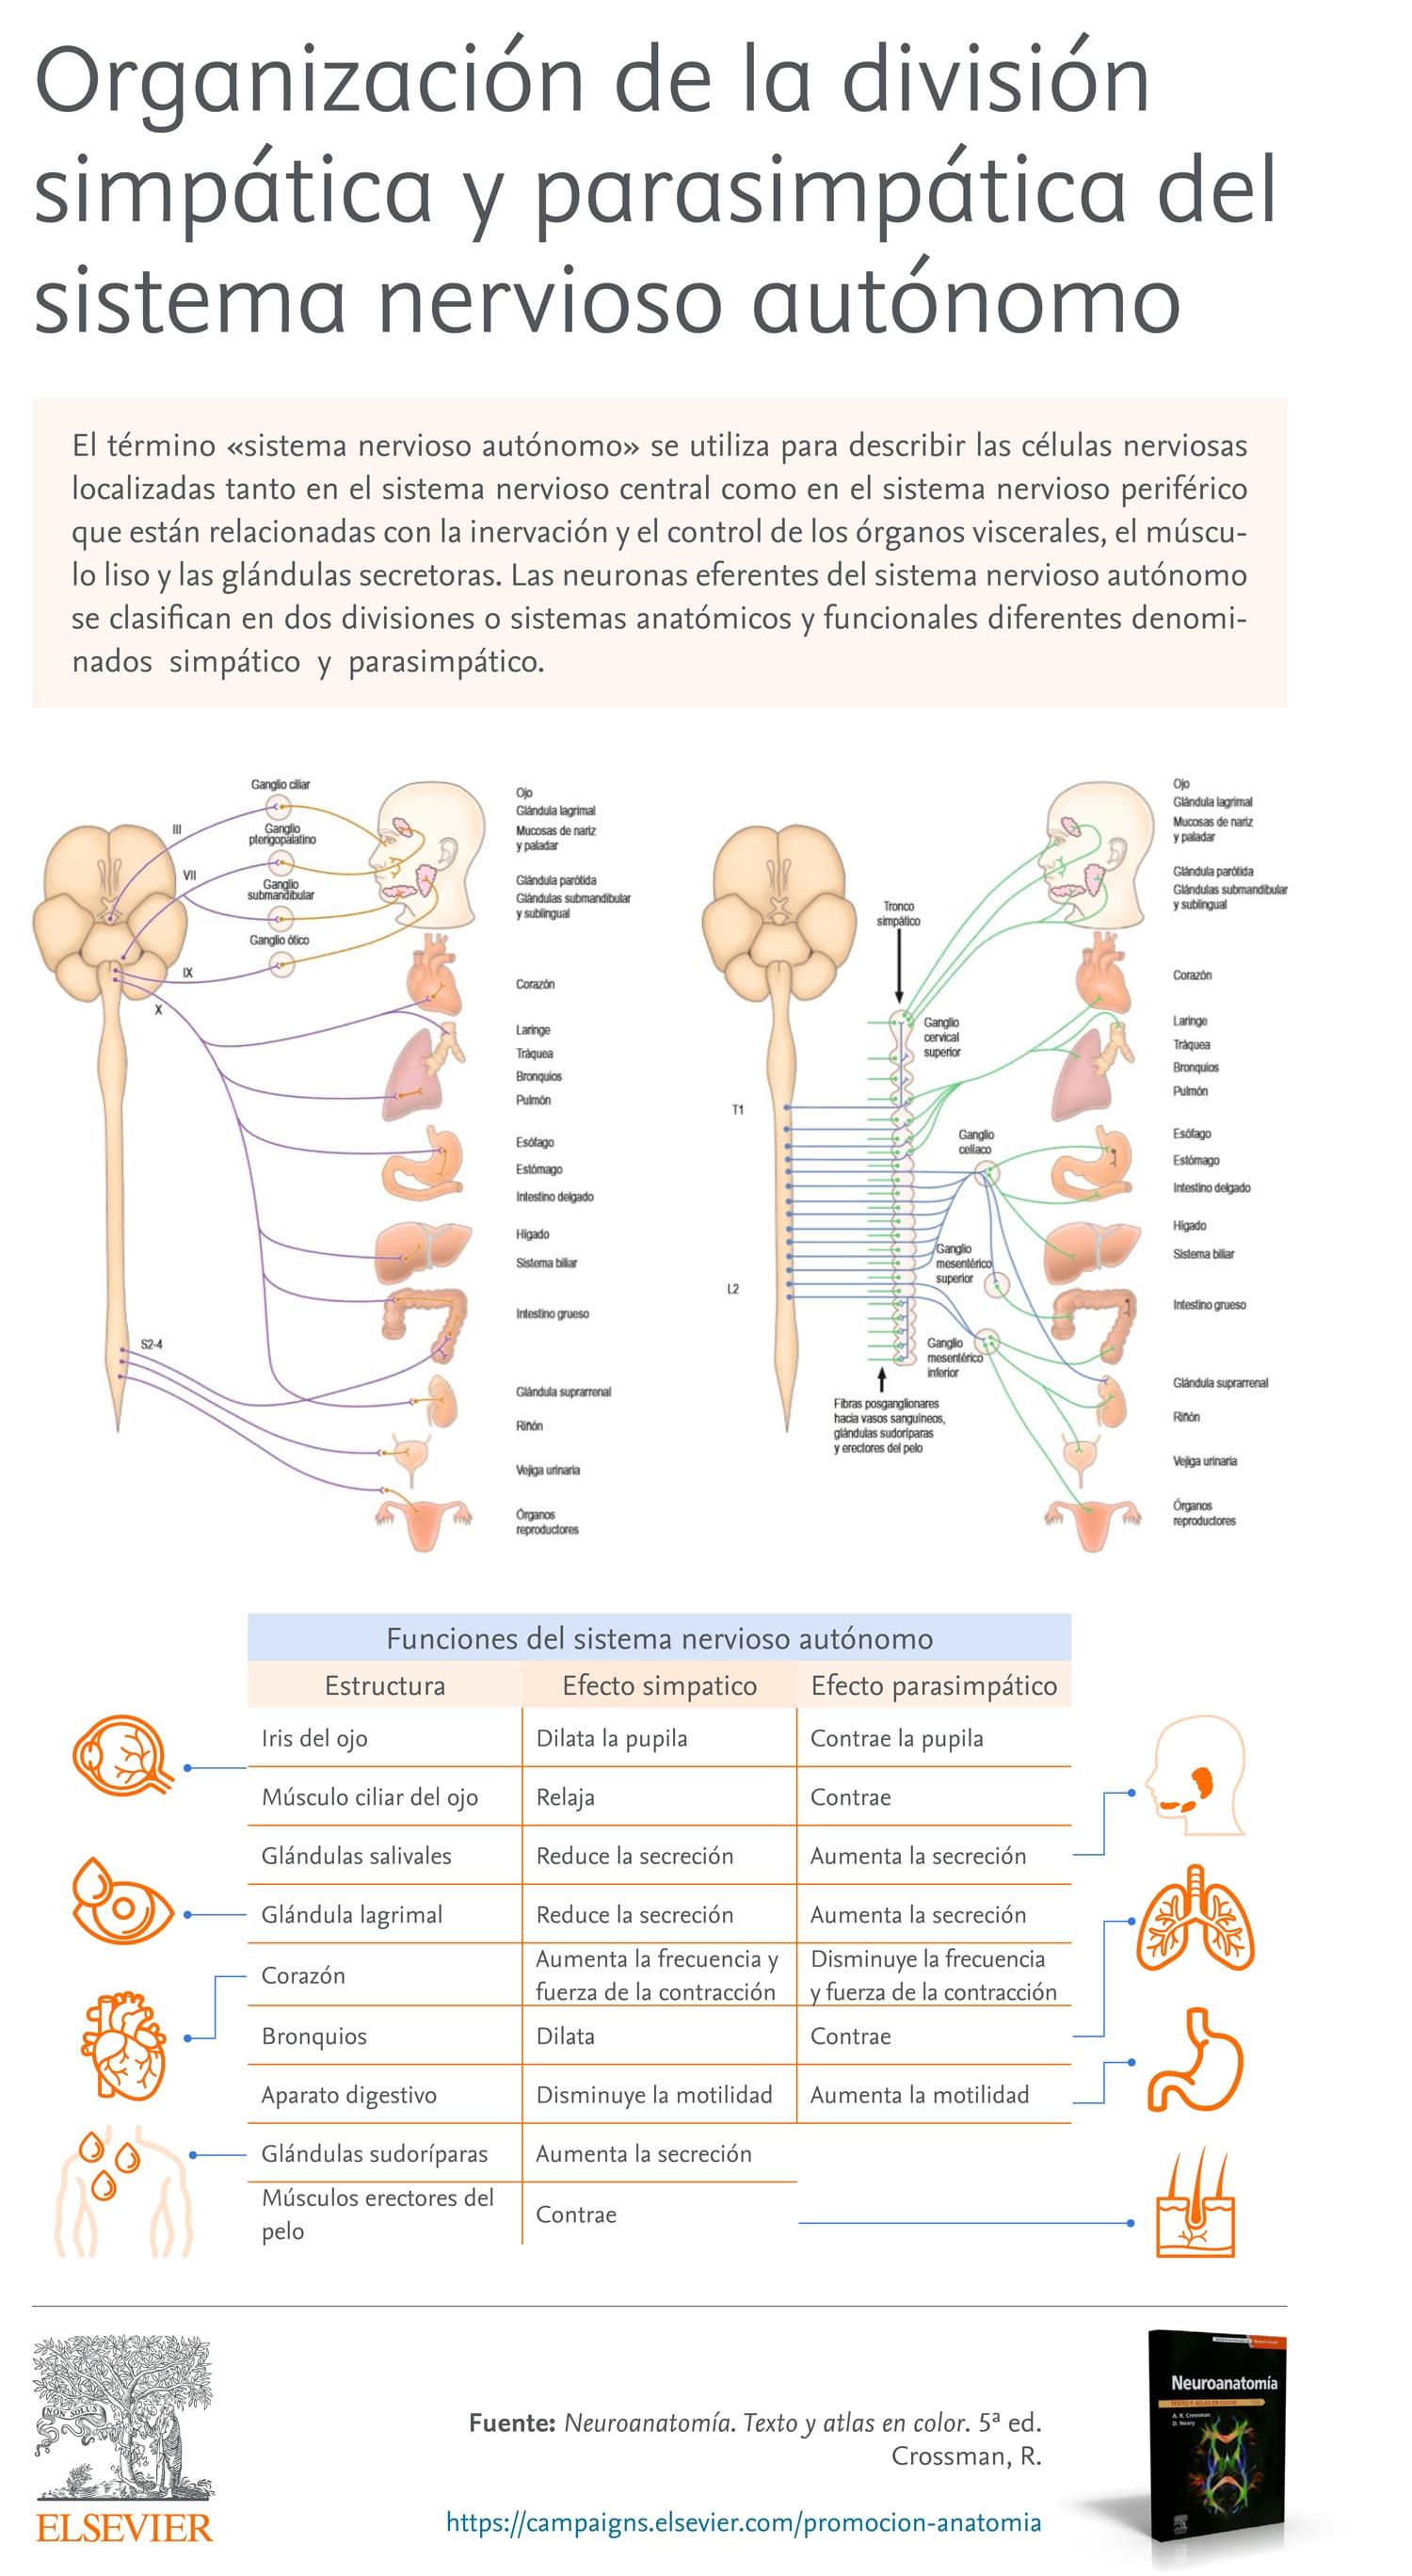 Organización de la división simpática y parasimpática del sistema nervioso autónomo